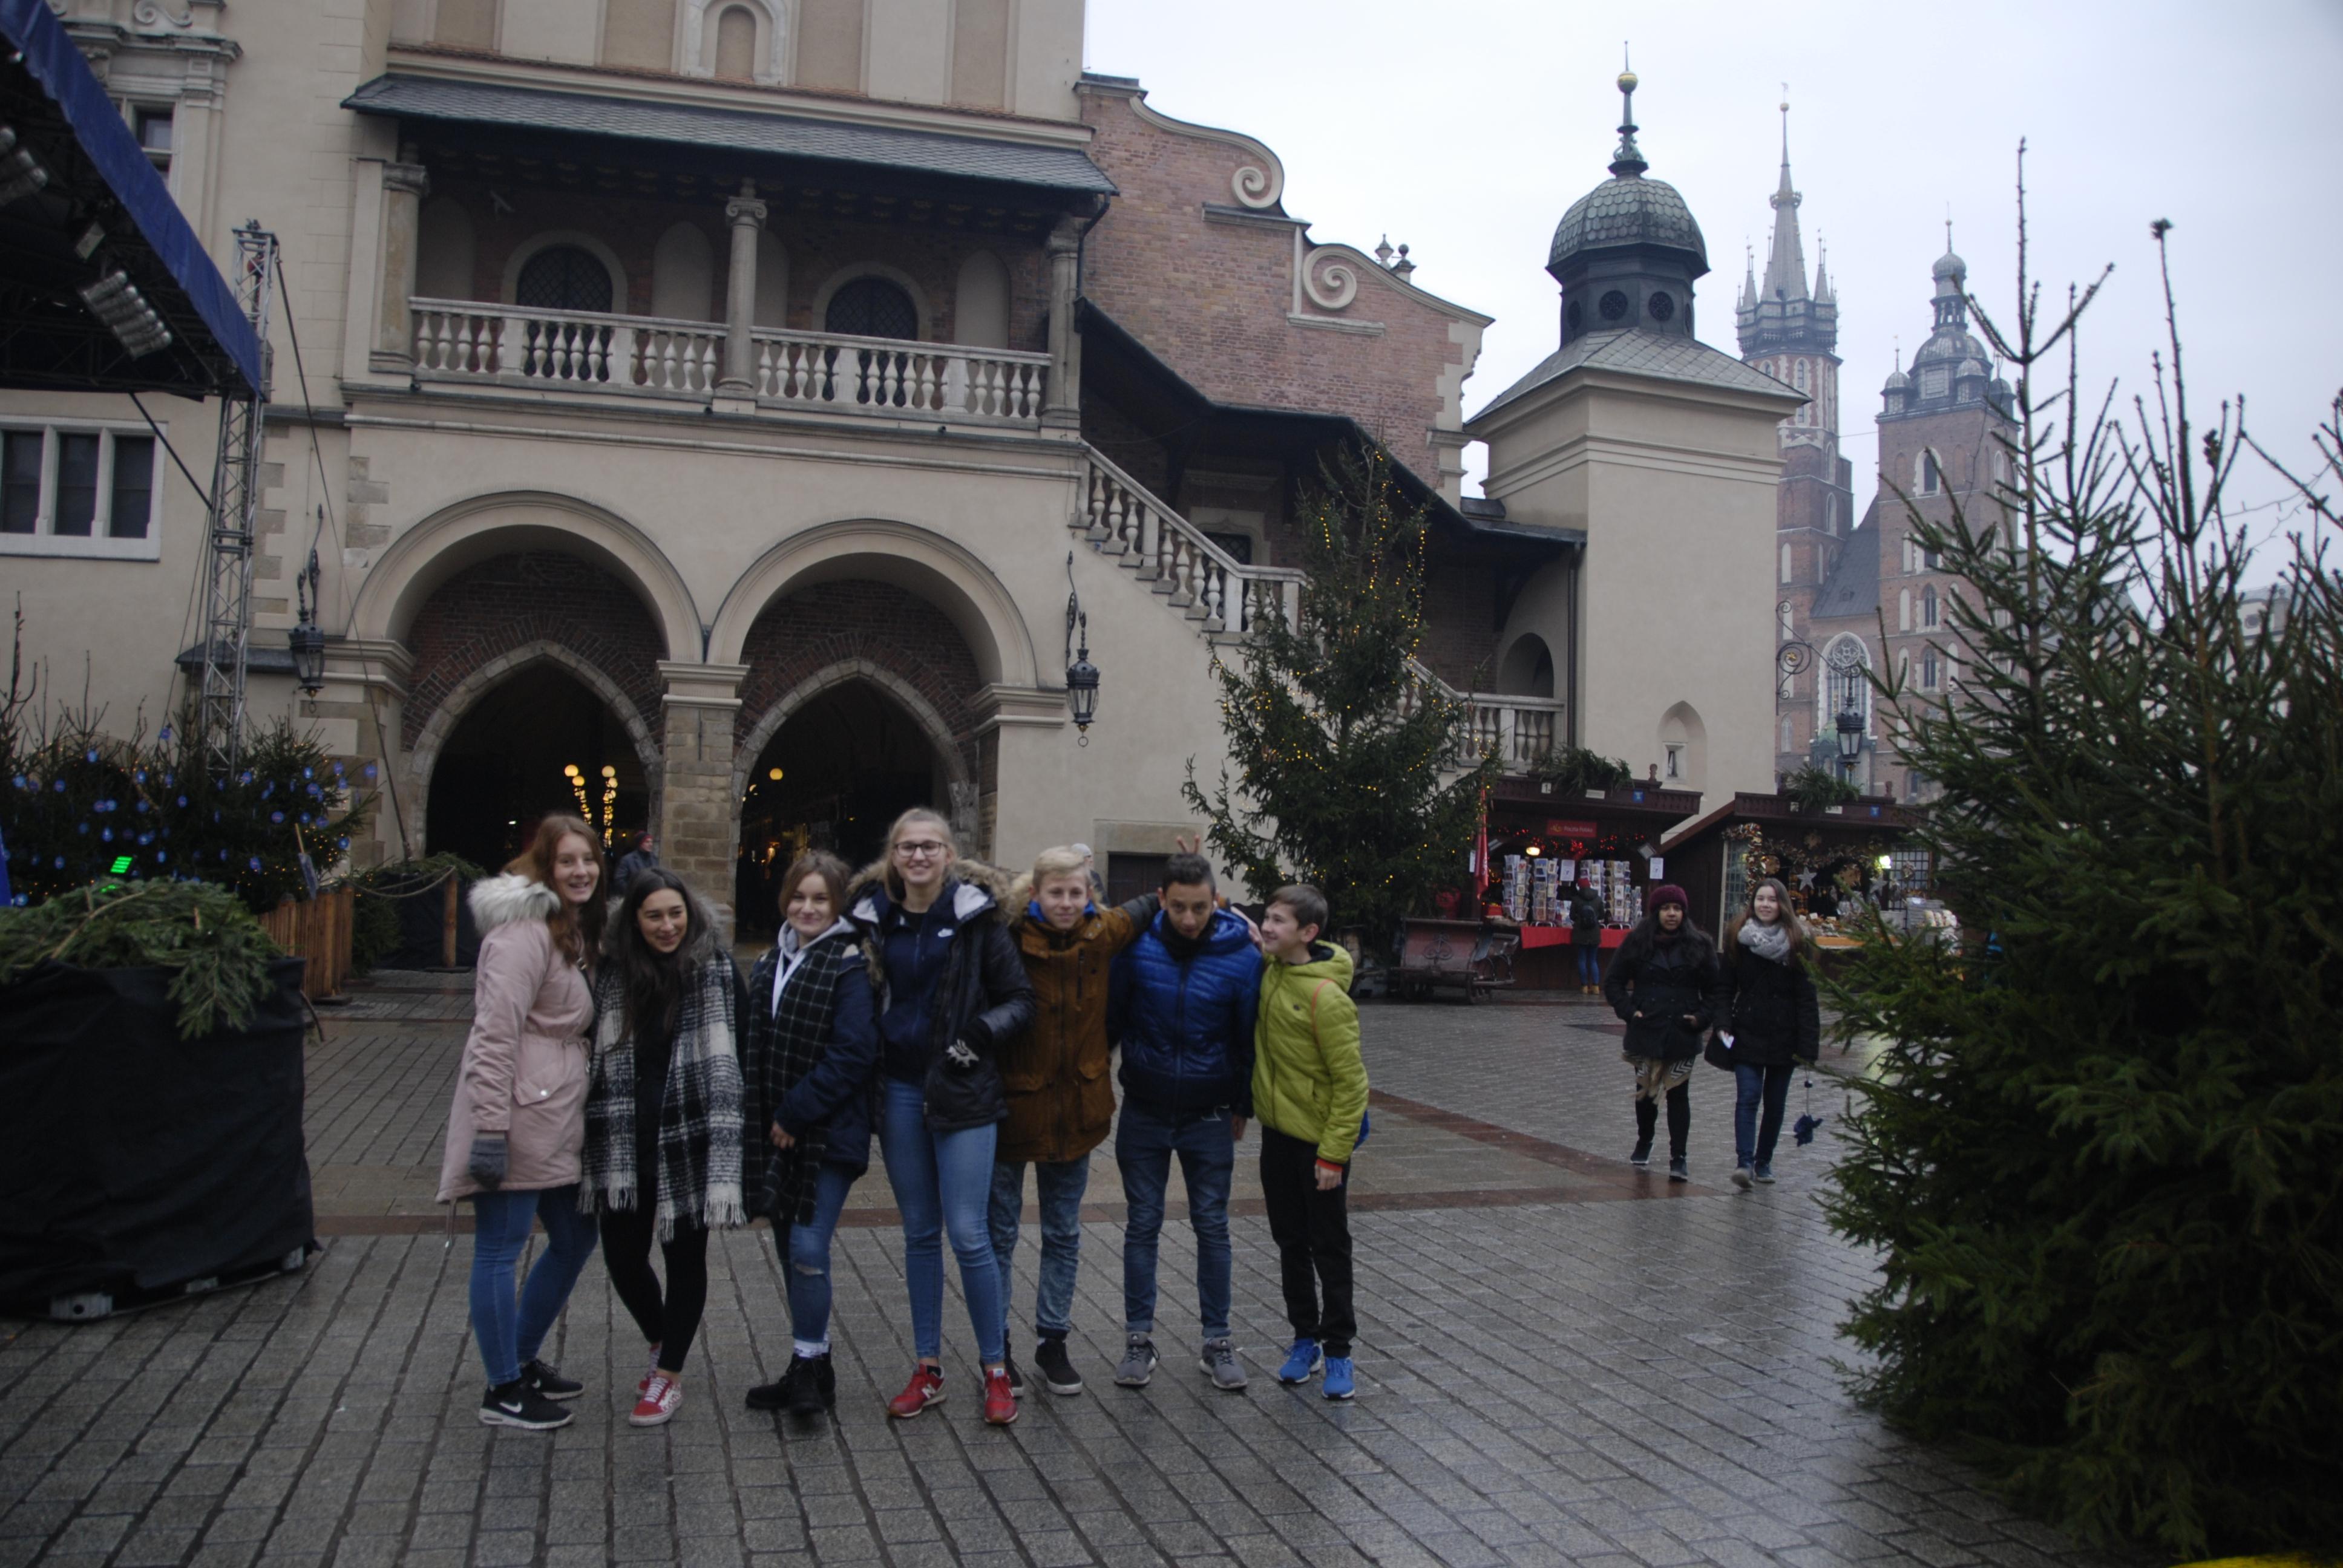 Wycieczka po świątecznym Krakowie